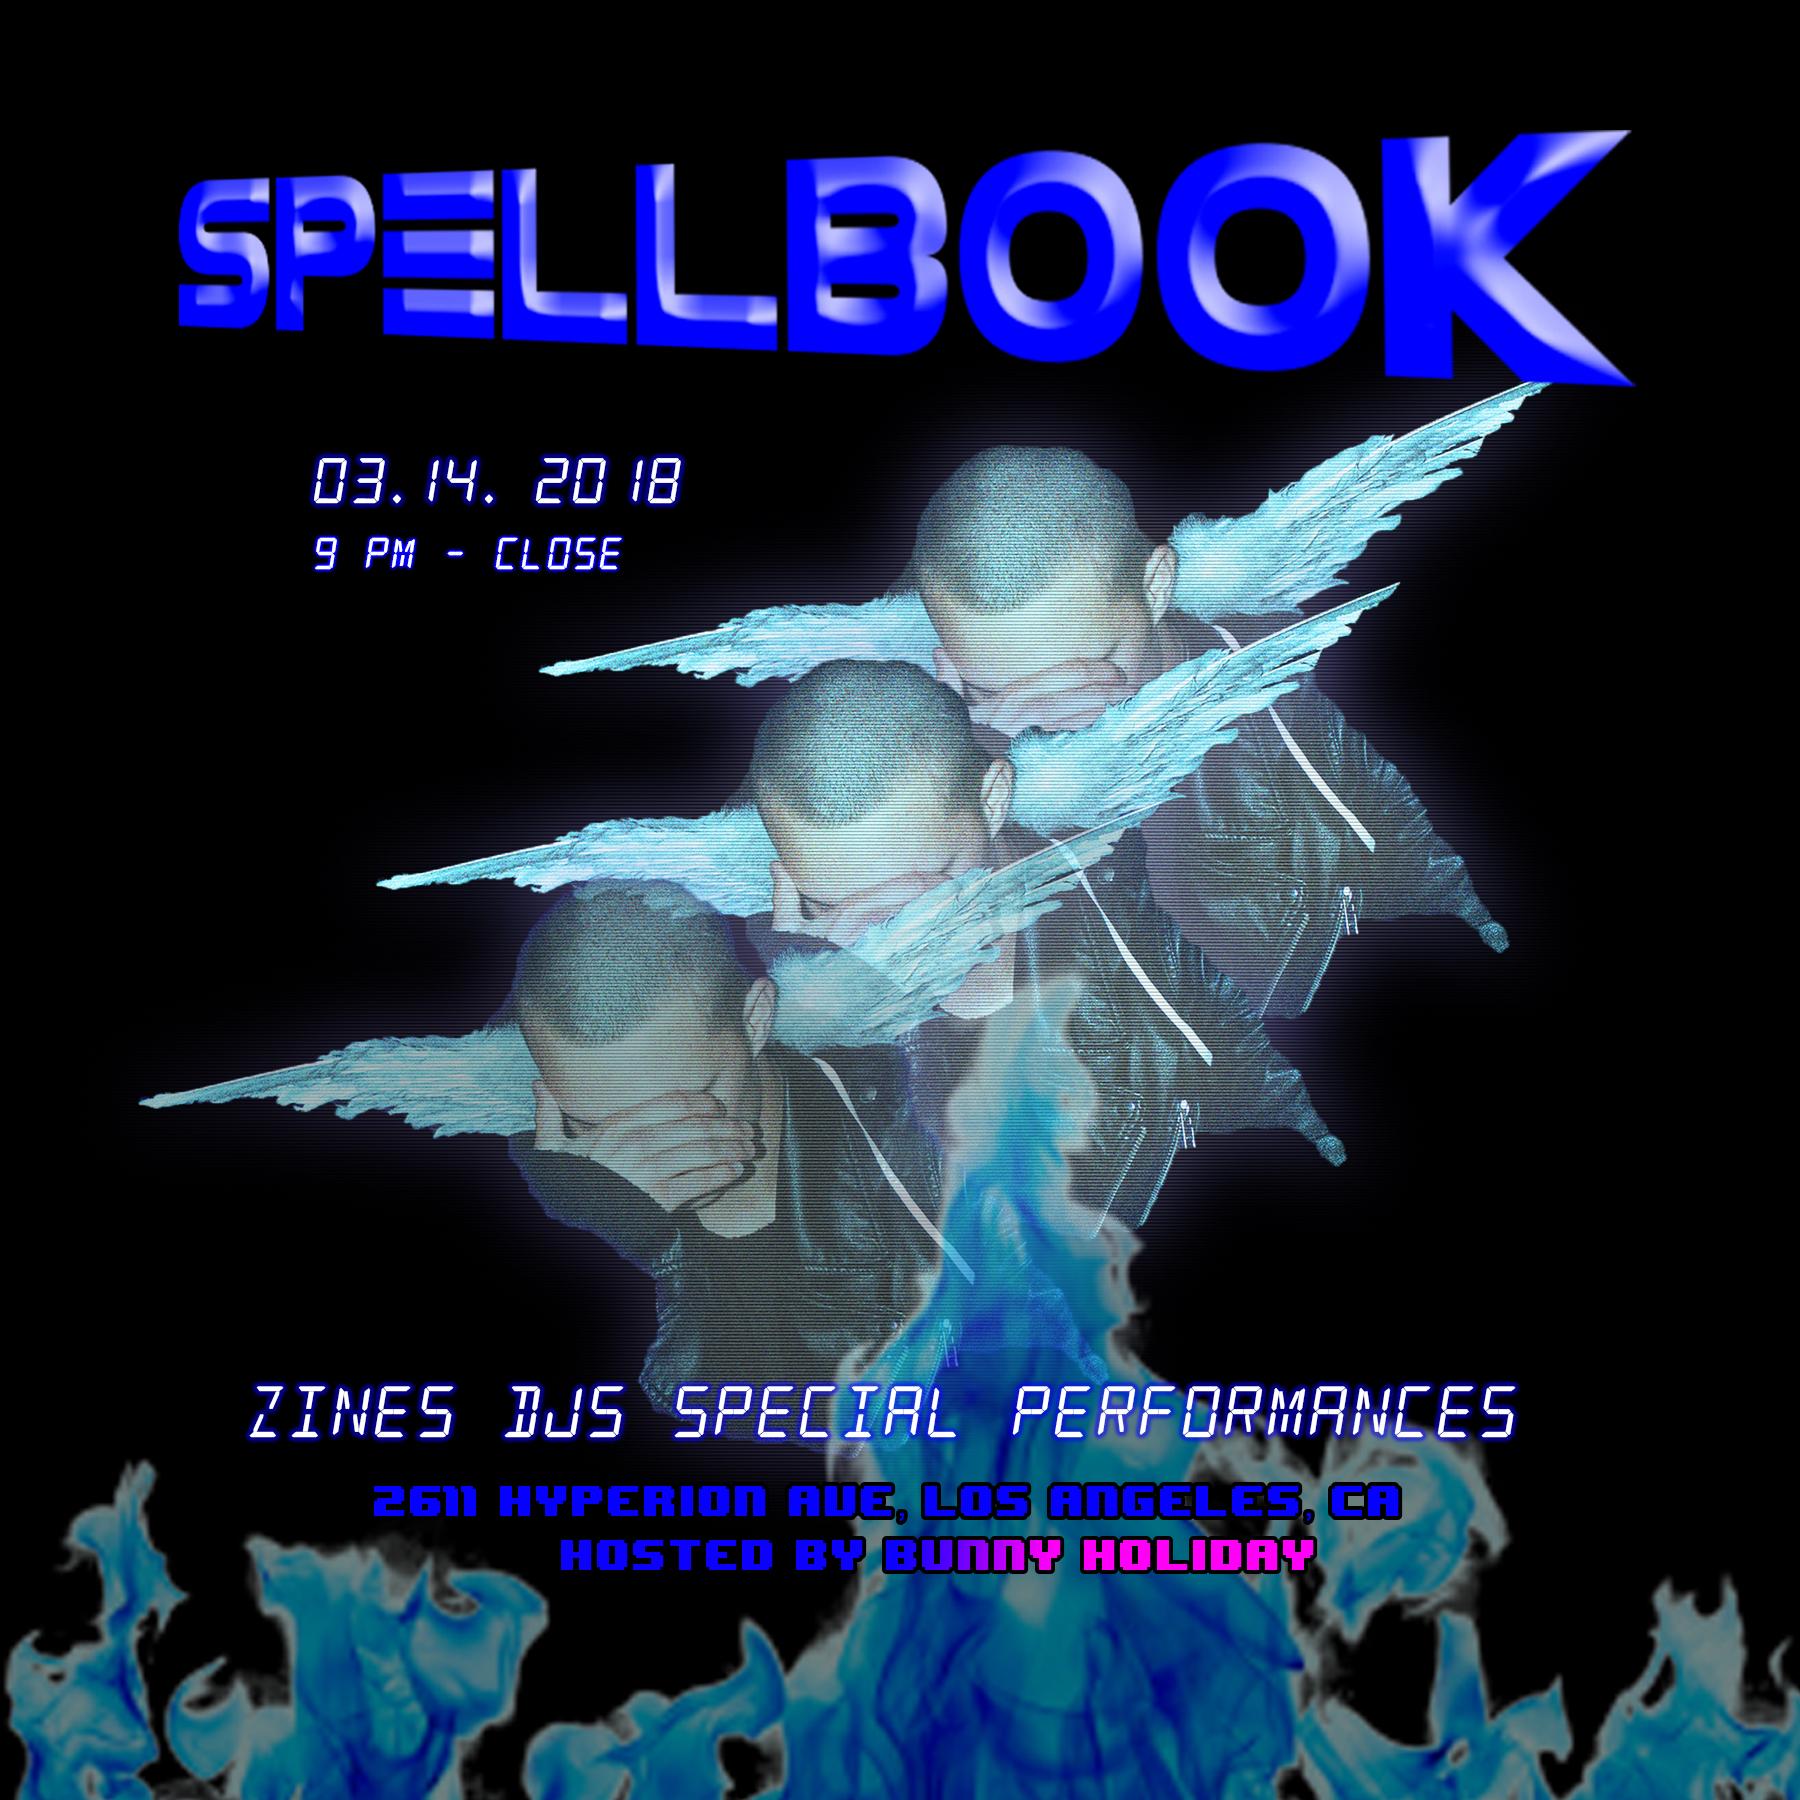 SPELLBOOK PRINCESS CYBERSPACE .JPG